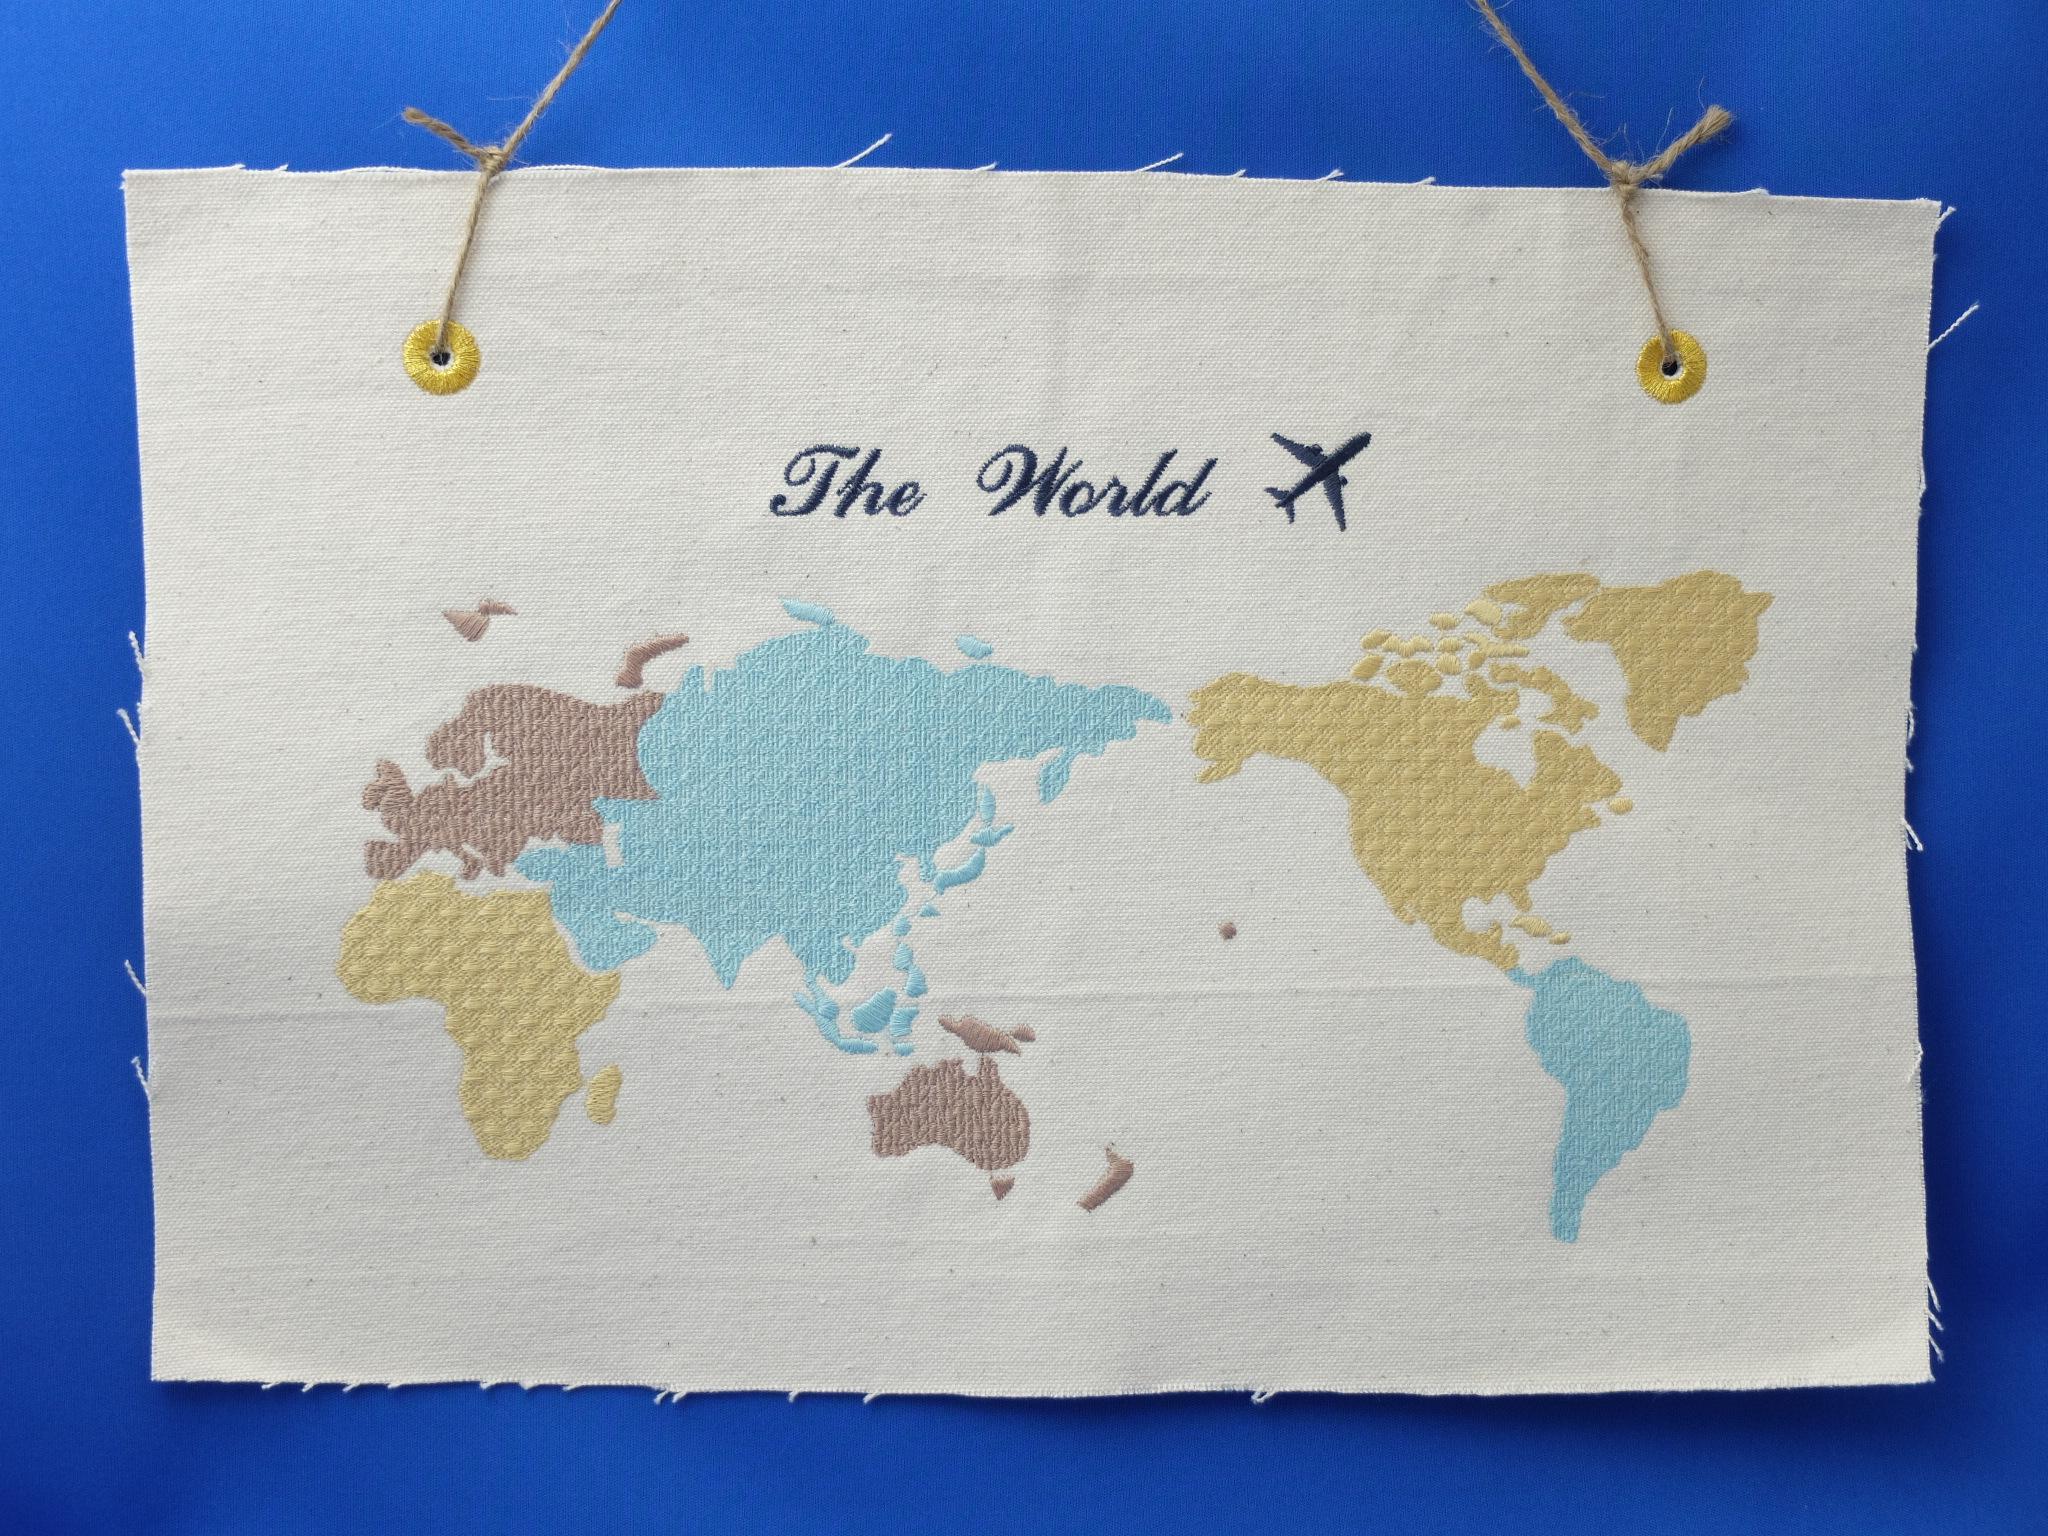 刺繍 世界地図 刺繍インテリア